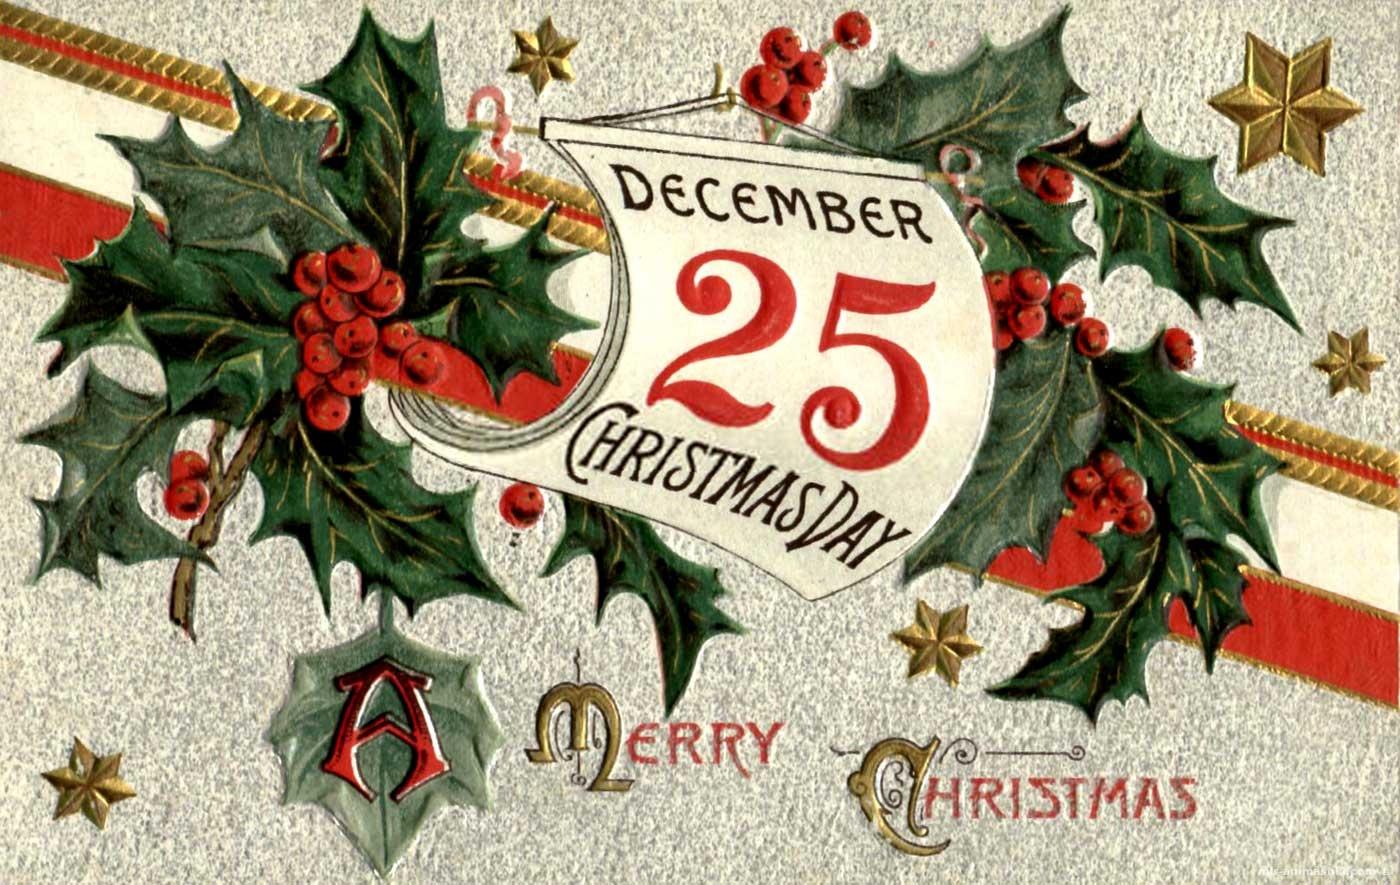 Католическое Рождество 2018 - 25 декабря 2017